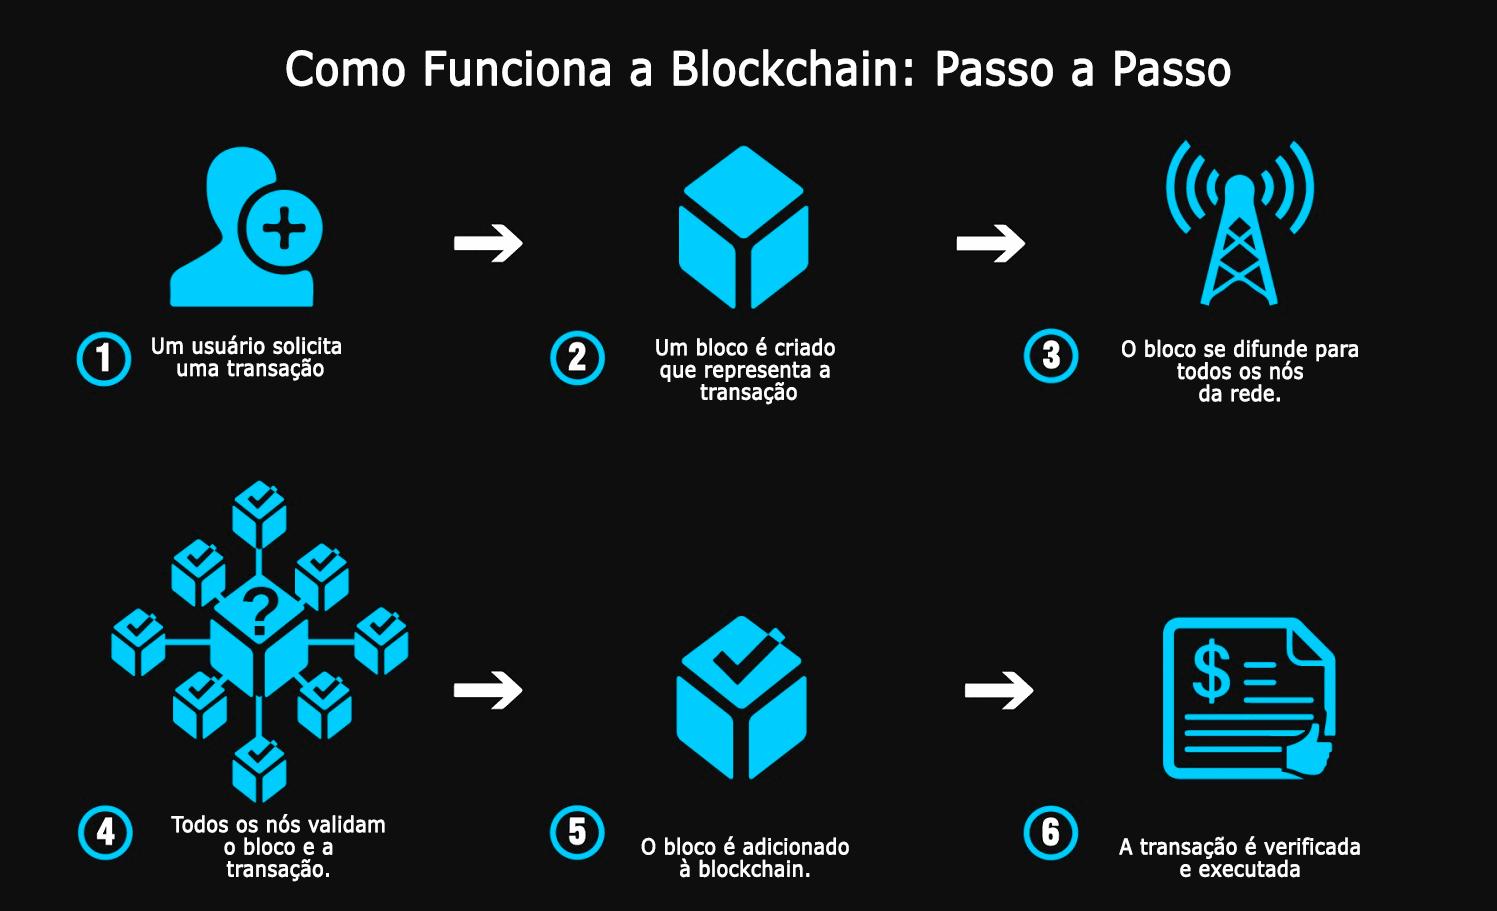 Blockchain passo a passo